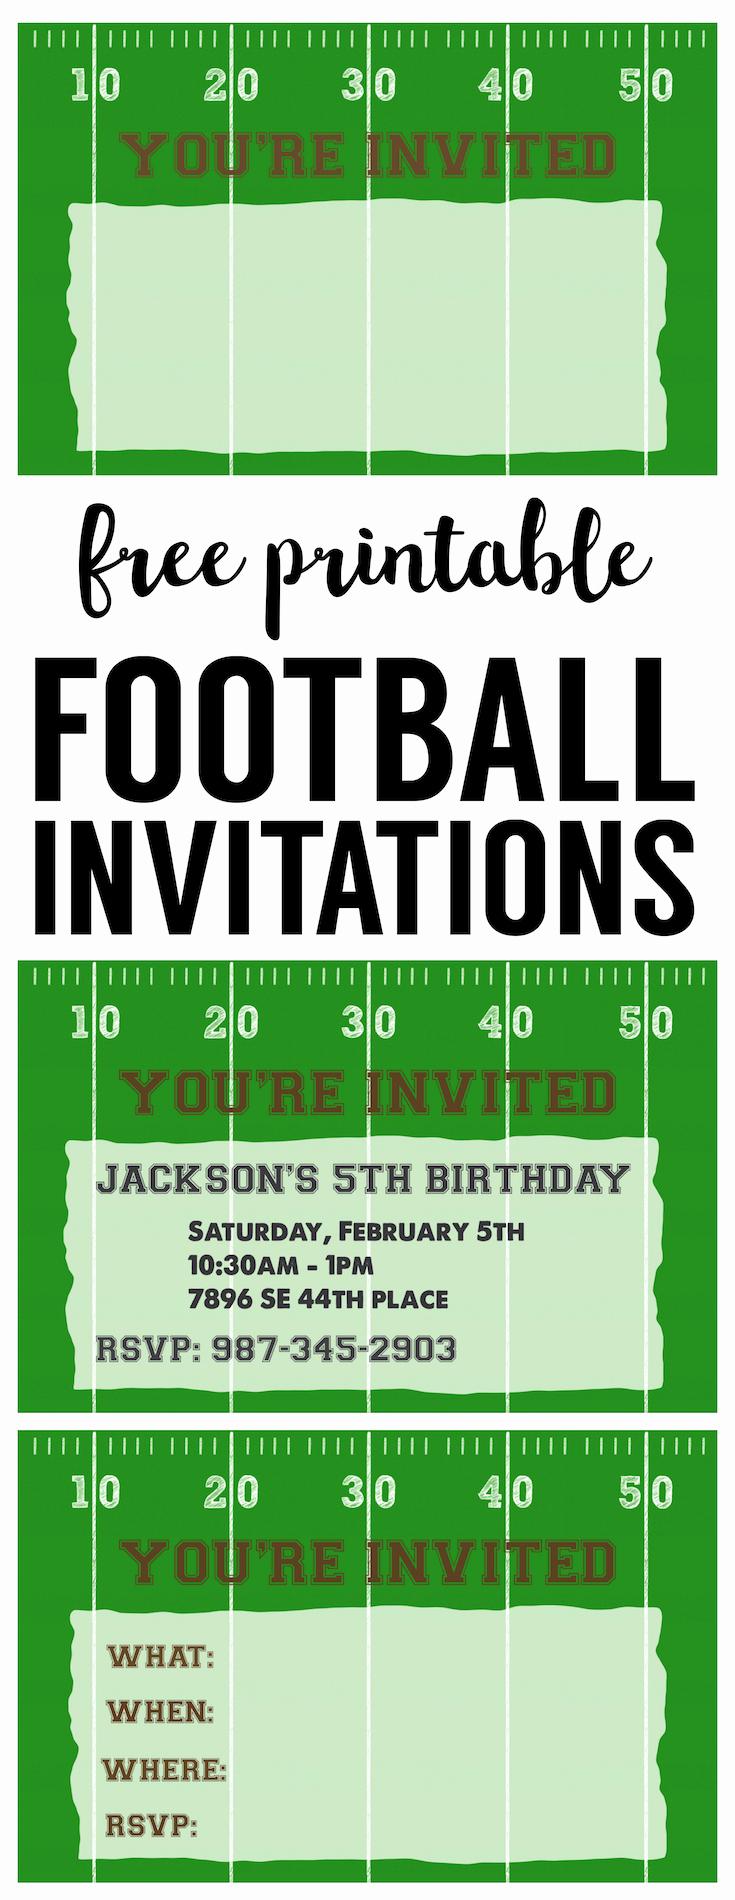 Football Invitation Template Free Inspirational Football Party Invitation Template Free Printable